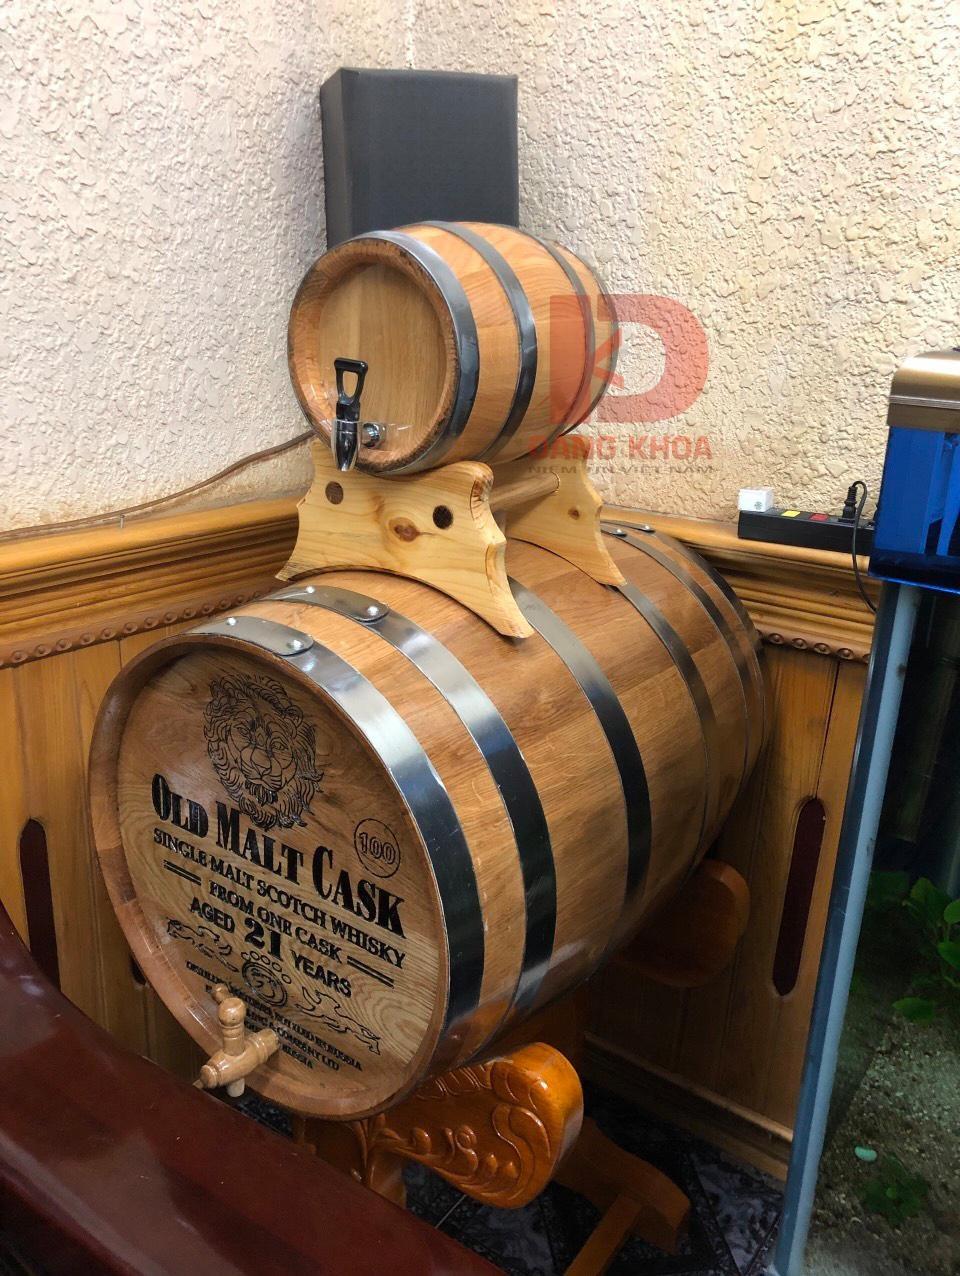 Màu sắc rượu ngâm trong thùng gỗ sồi đẹp mắt